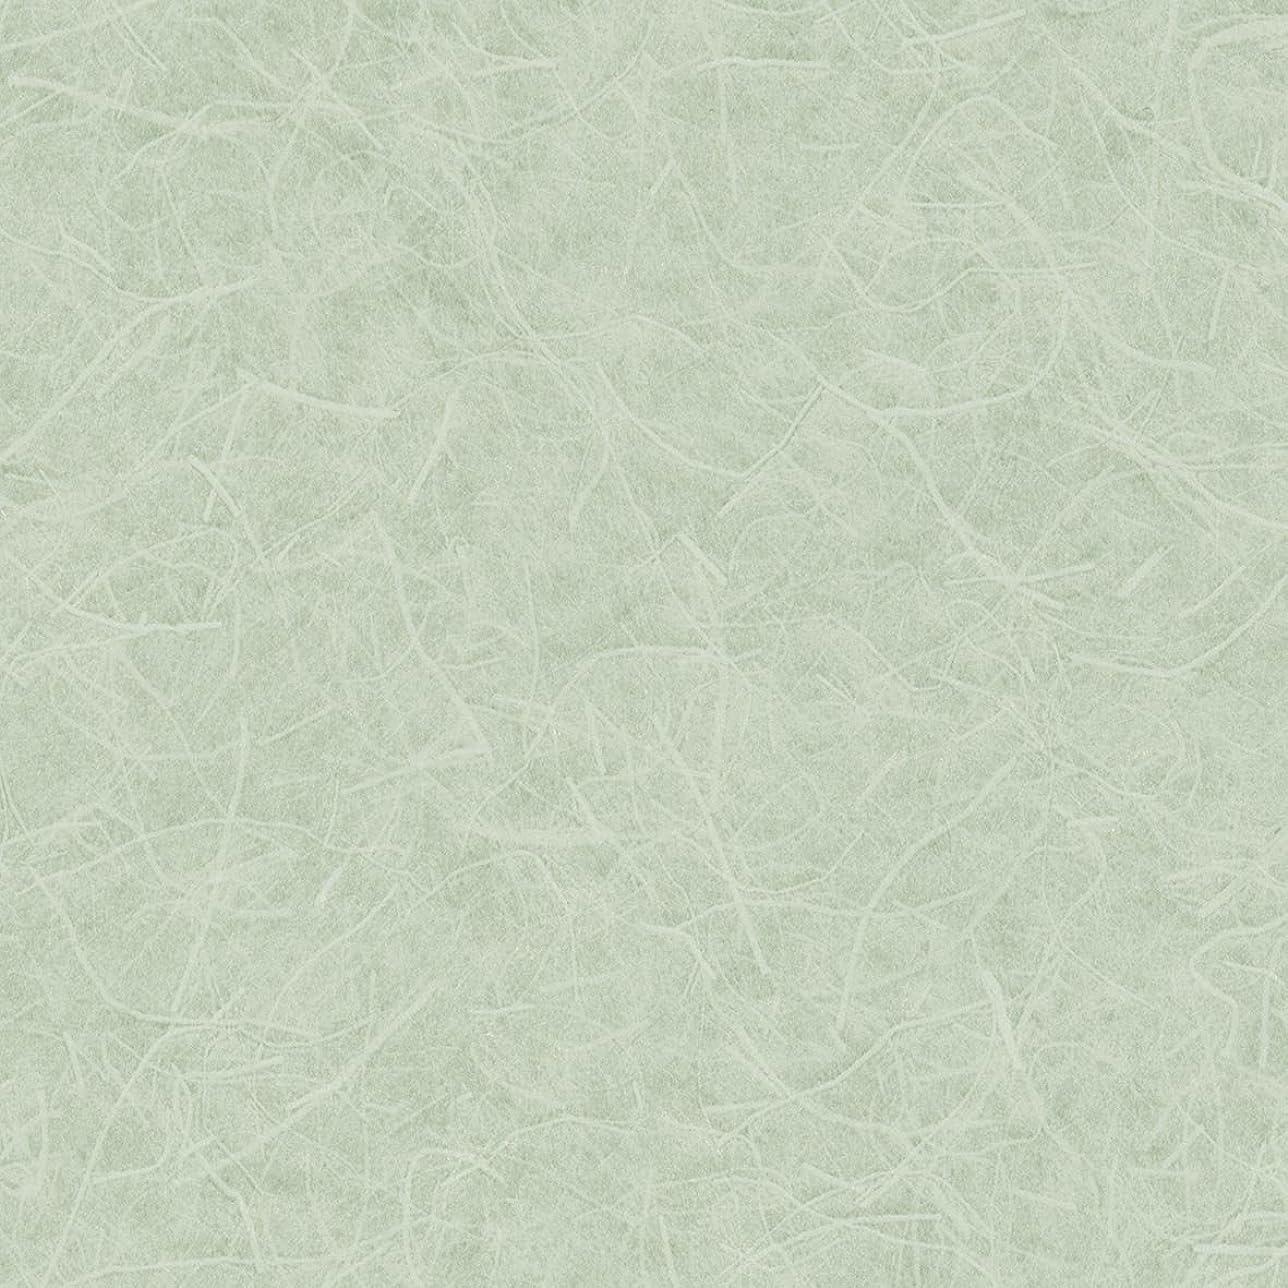 悲惨なバン豊かにするリリカラ 壁紙13m 和 和紙調 グリーン Japan LW-2651